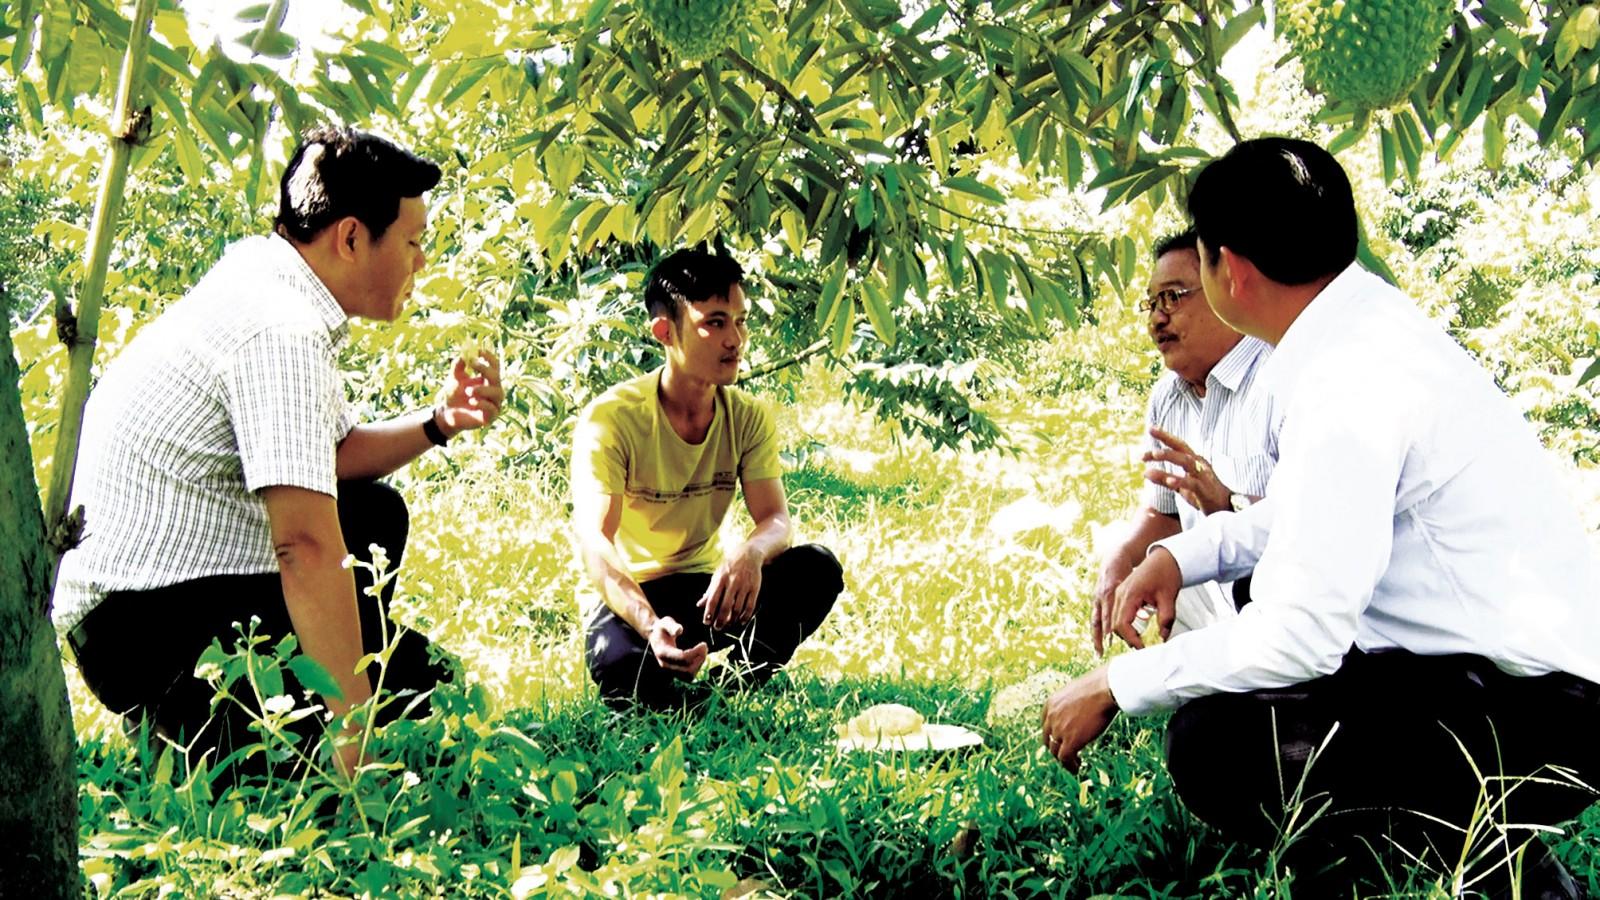 Anh Huỳnh Văn Đầy (áo vàng)- mời khách thưởng thức sầu riêng sớm vụ ngay tại vườn nhà. Ảnh: MAI THẢO